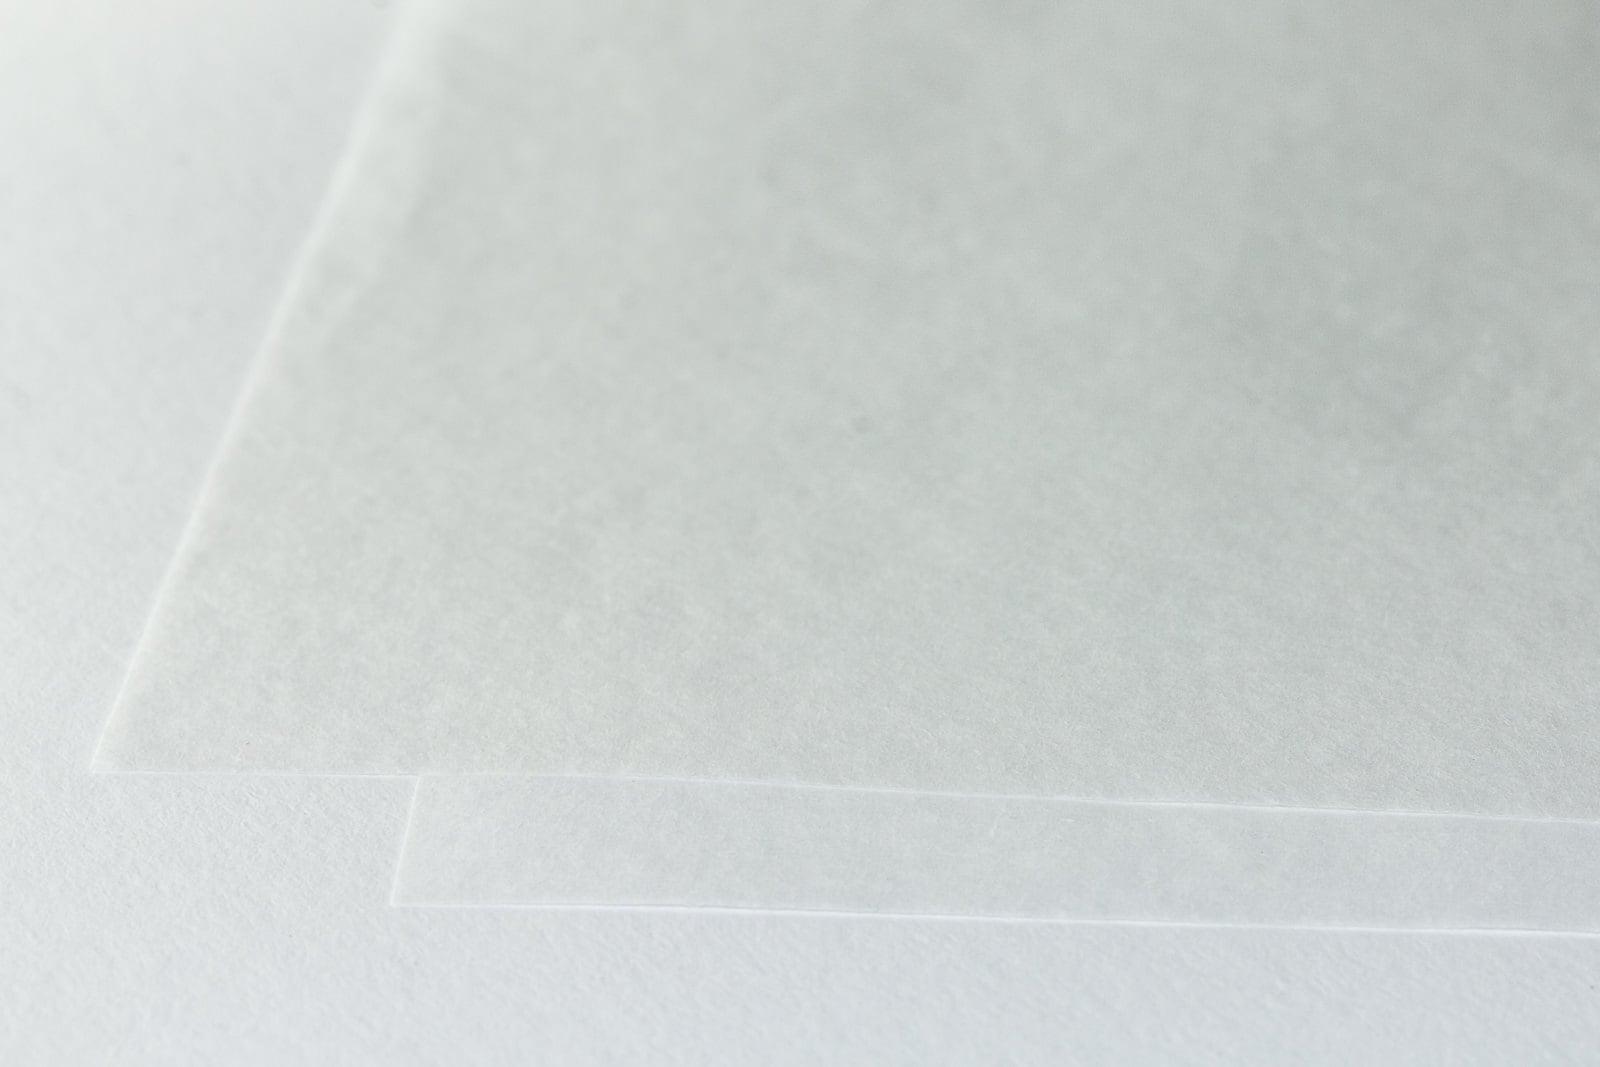 Eine Aufnahme unseres Juwelier-Seidenpapier in gepuffert und ungepuffert